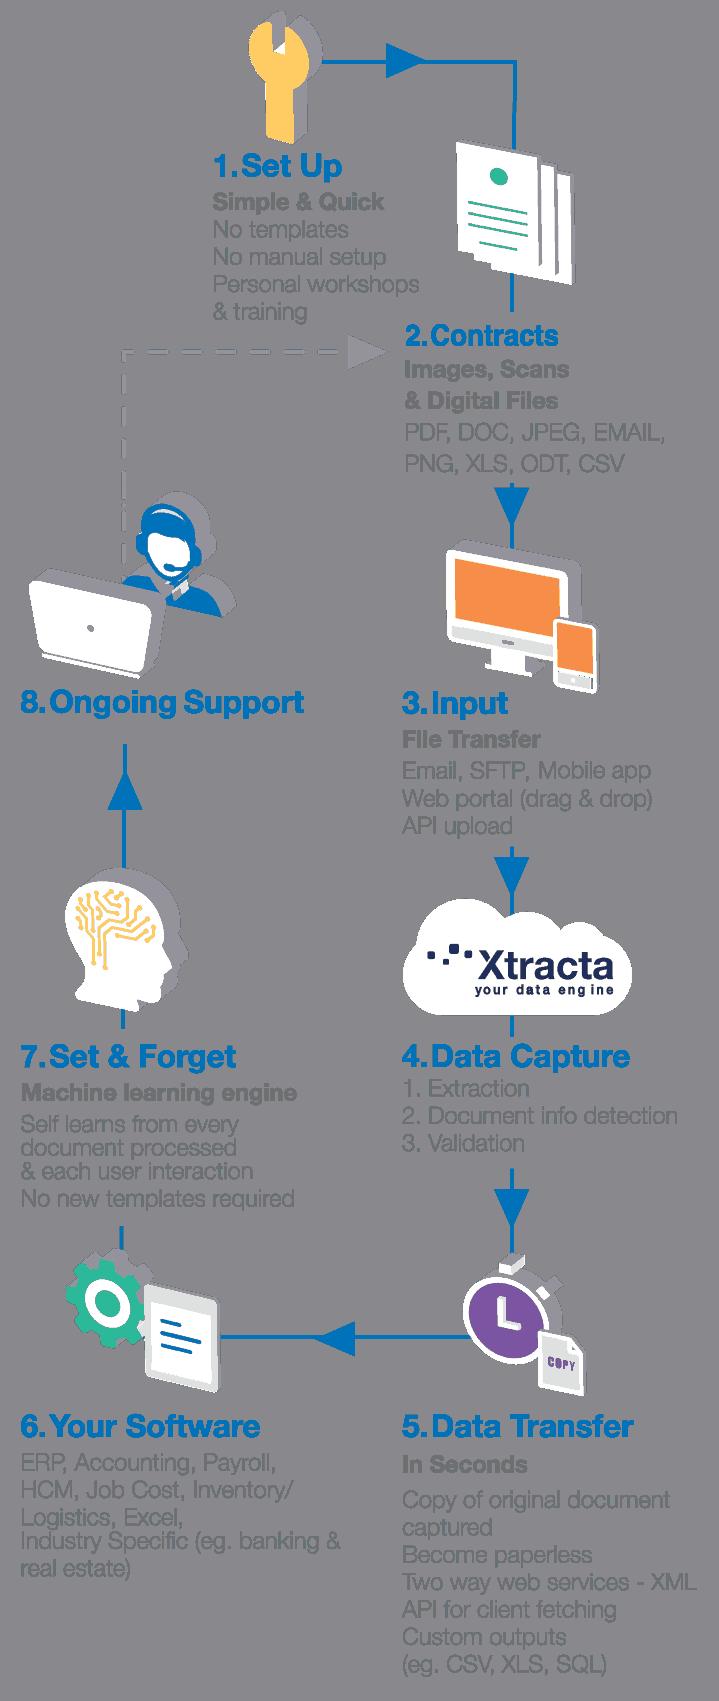 xtracta-flow-diagram-contracts